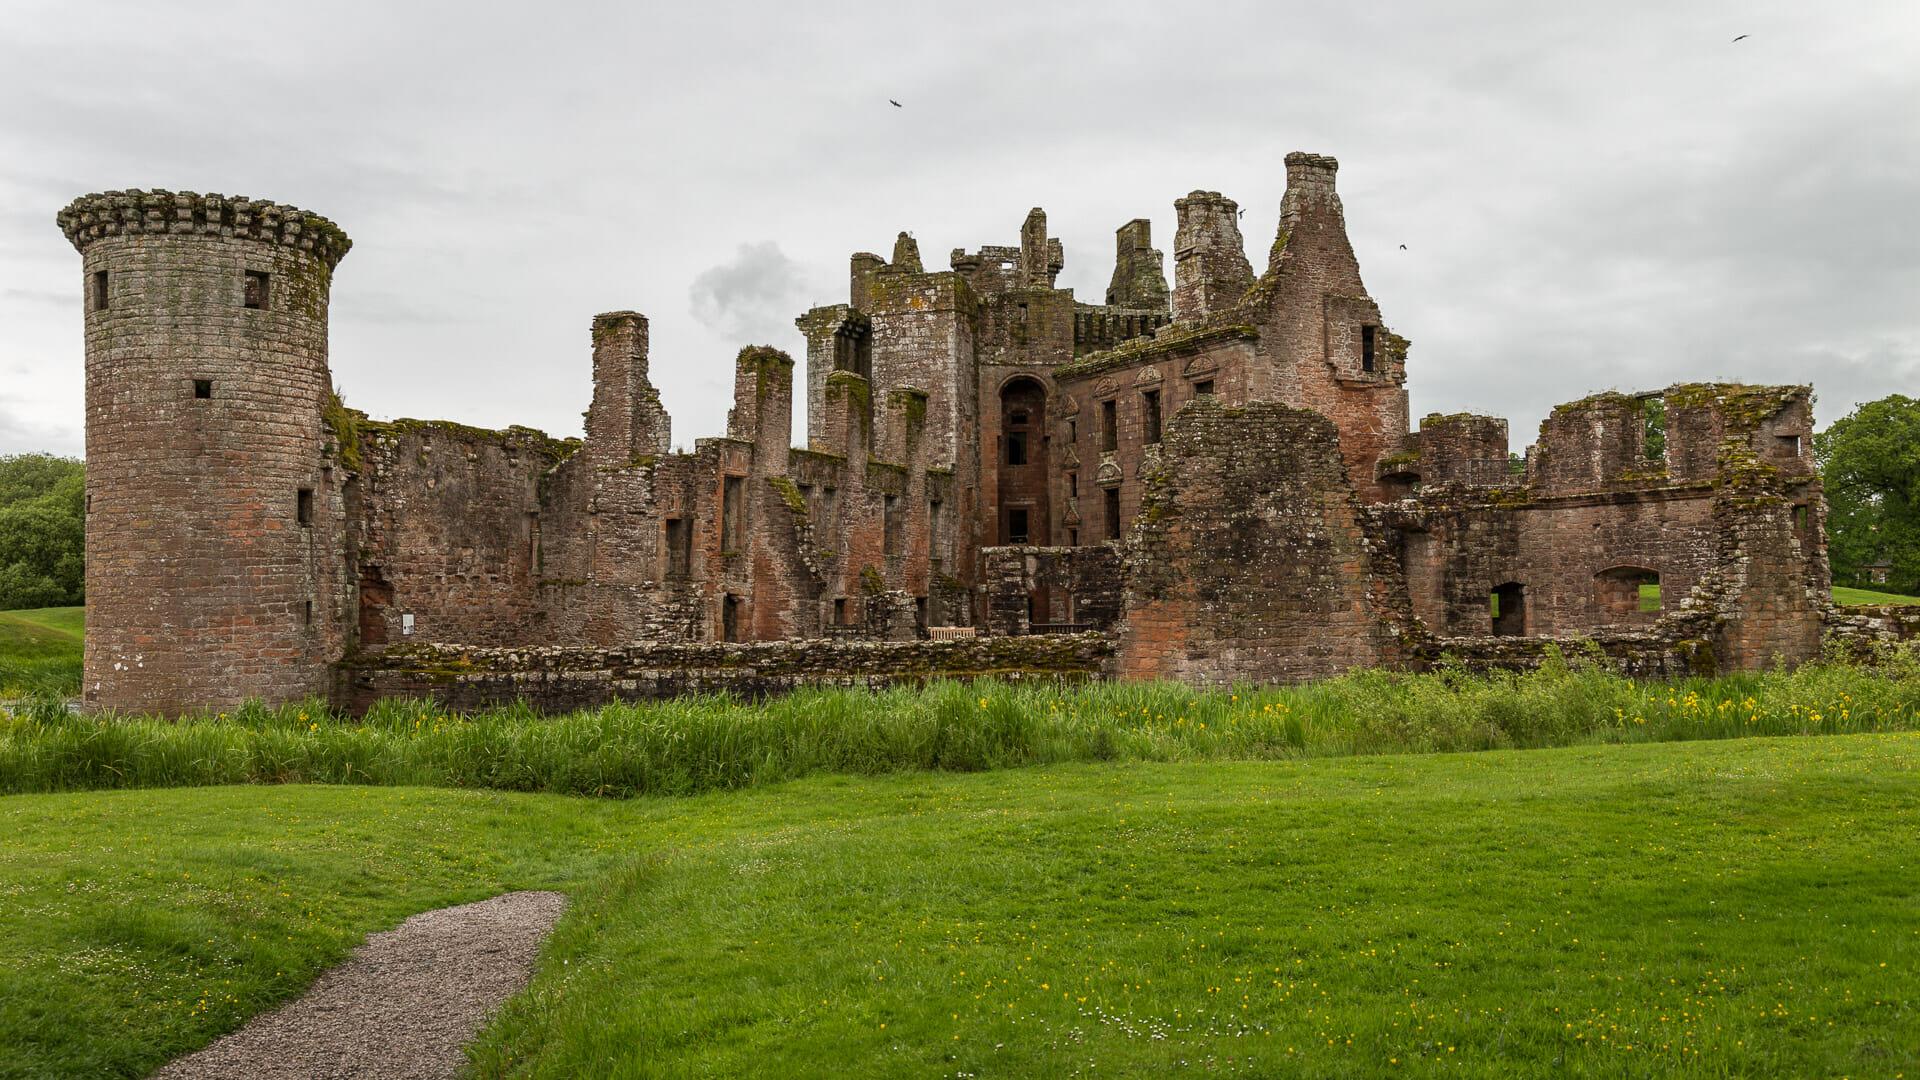 Die offene Flanke der Burg